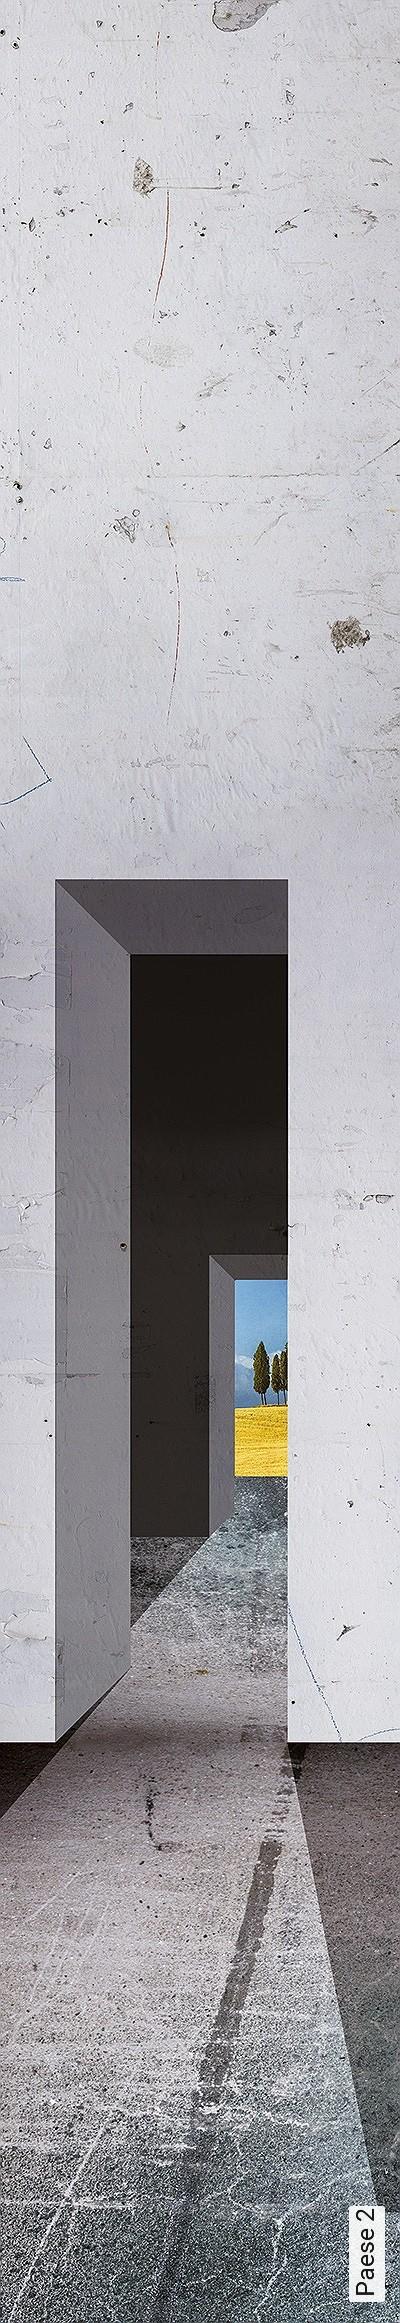 Paese-2-Landschaft-Moderne-Muster-Grau-Gelb-Anthrazit-Hellblau